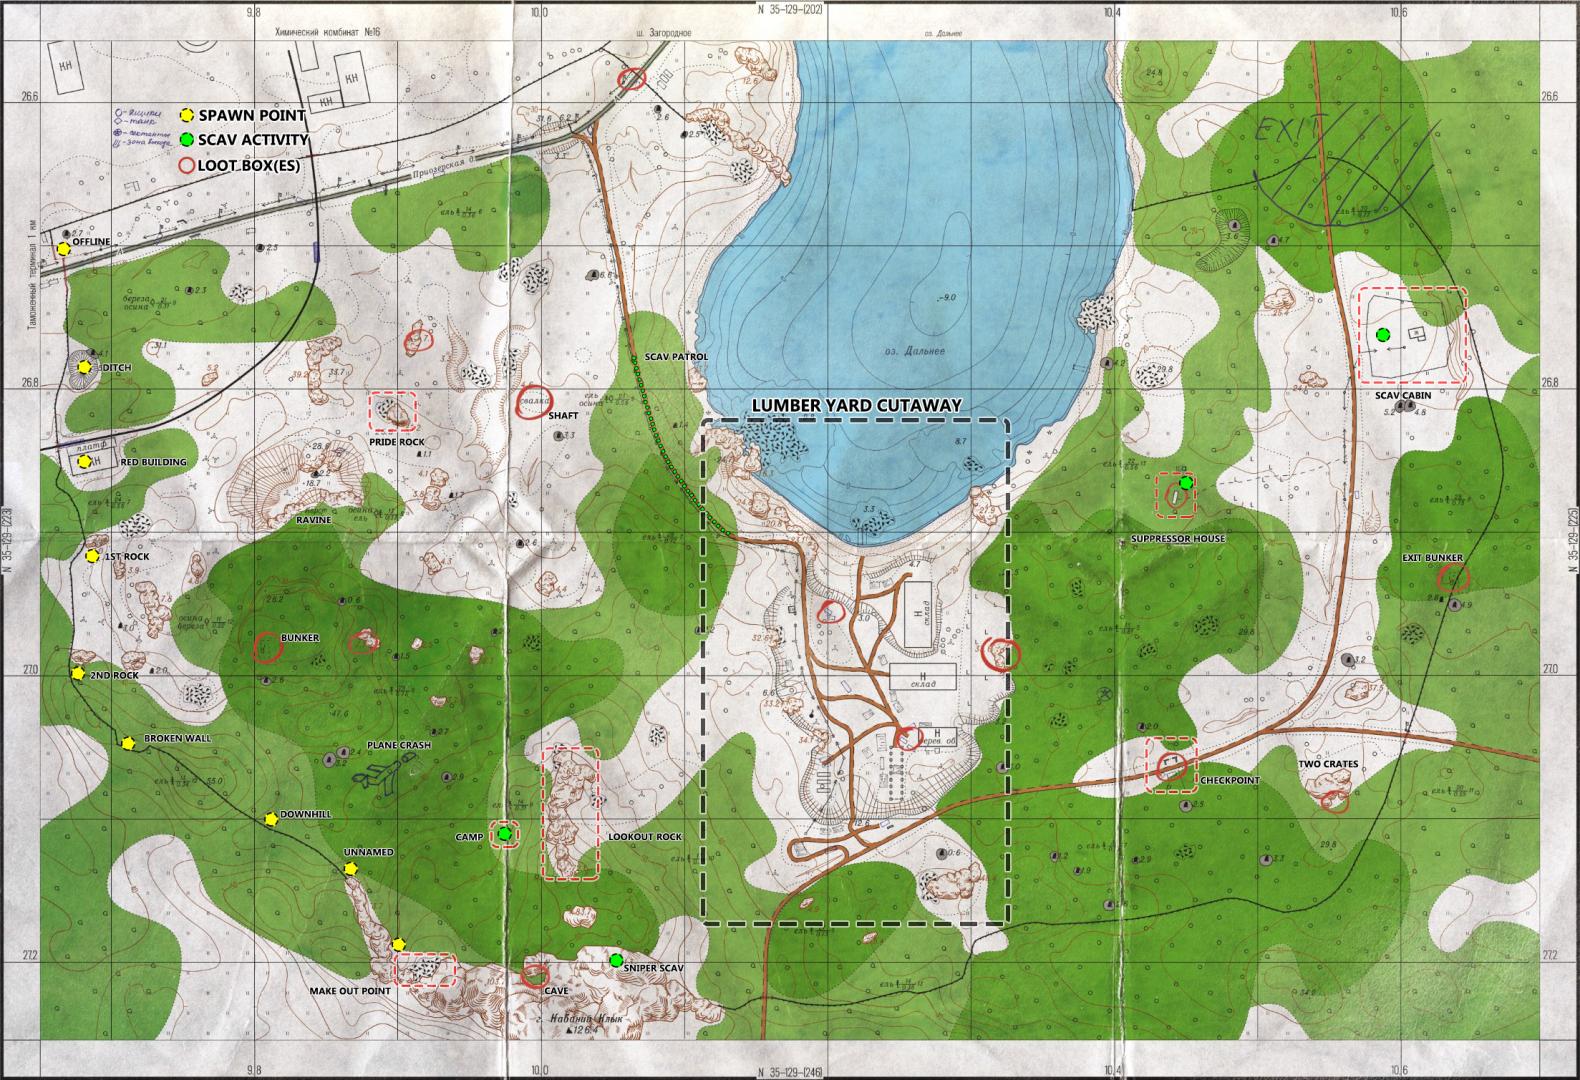 Updated_Woods.thumb.png.406cd18a0144f6f0